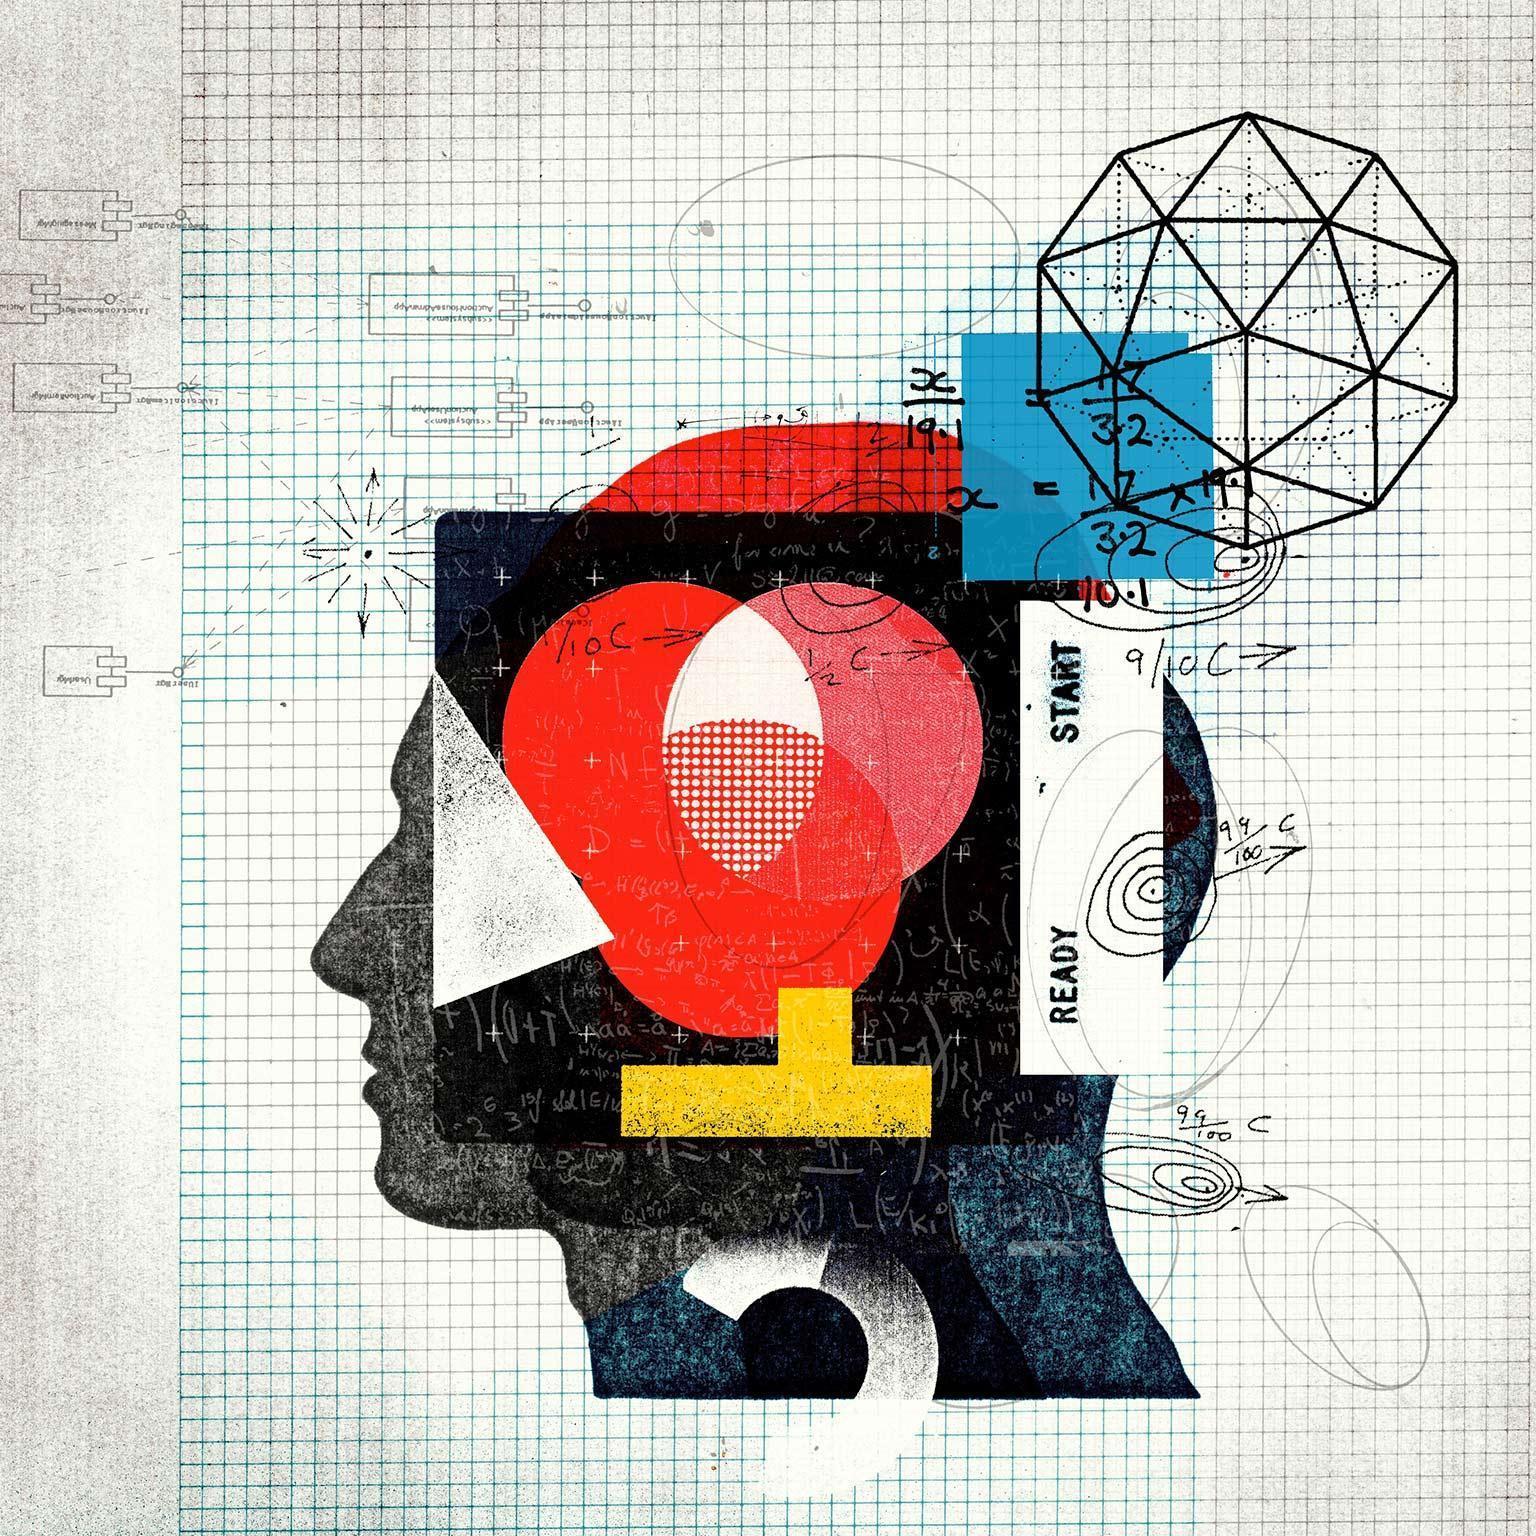 Tám yếu tố cần thiết cho sự đổi mới